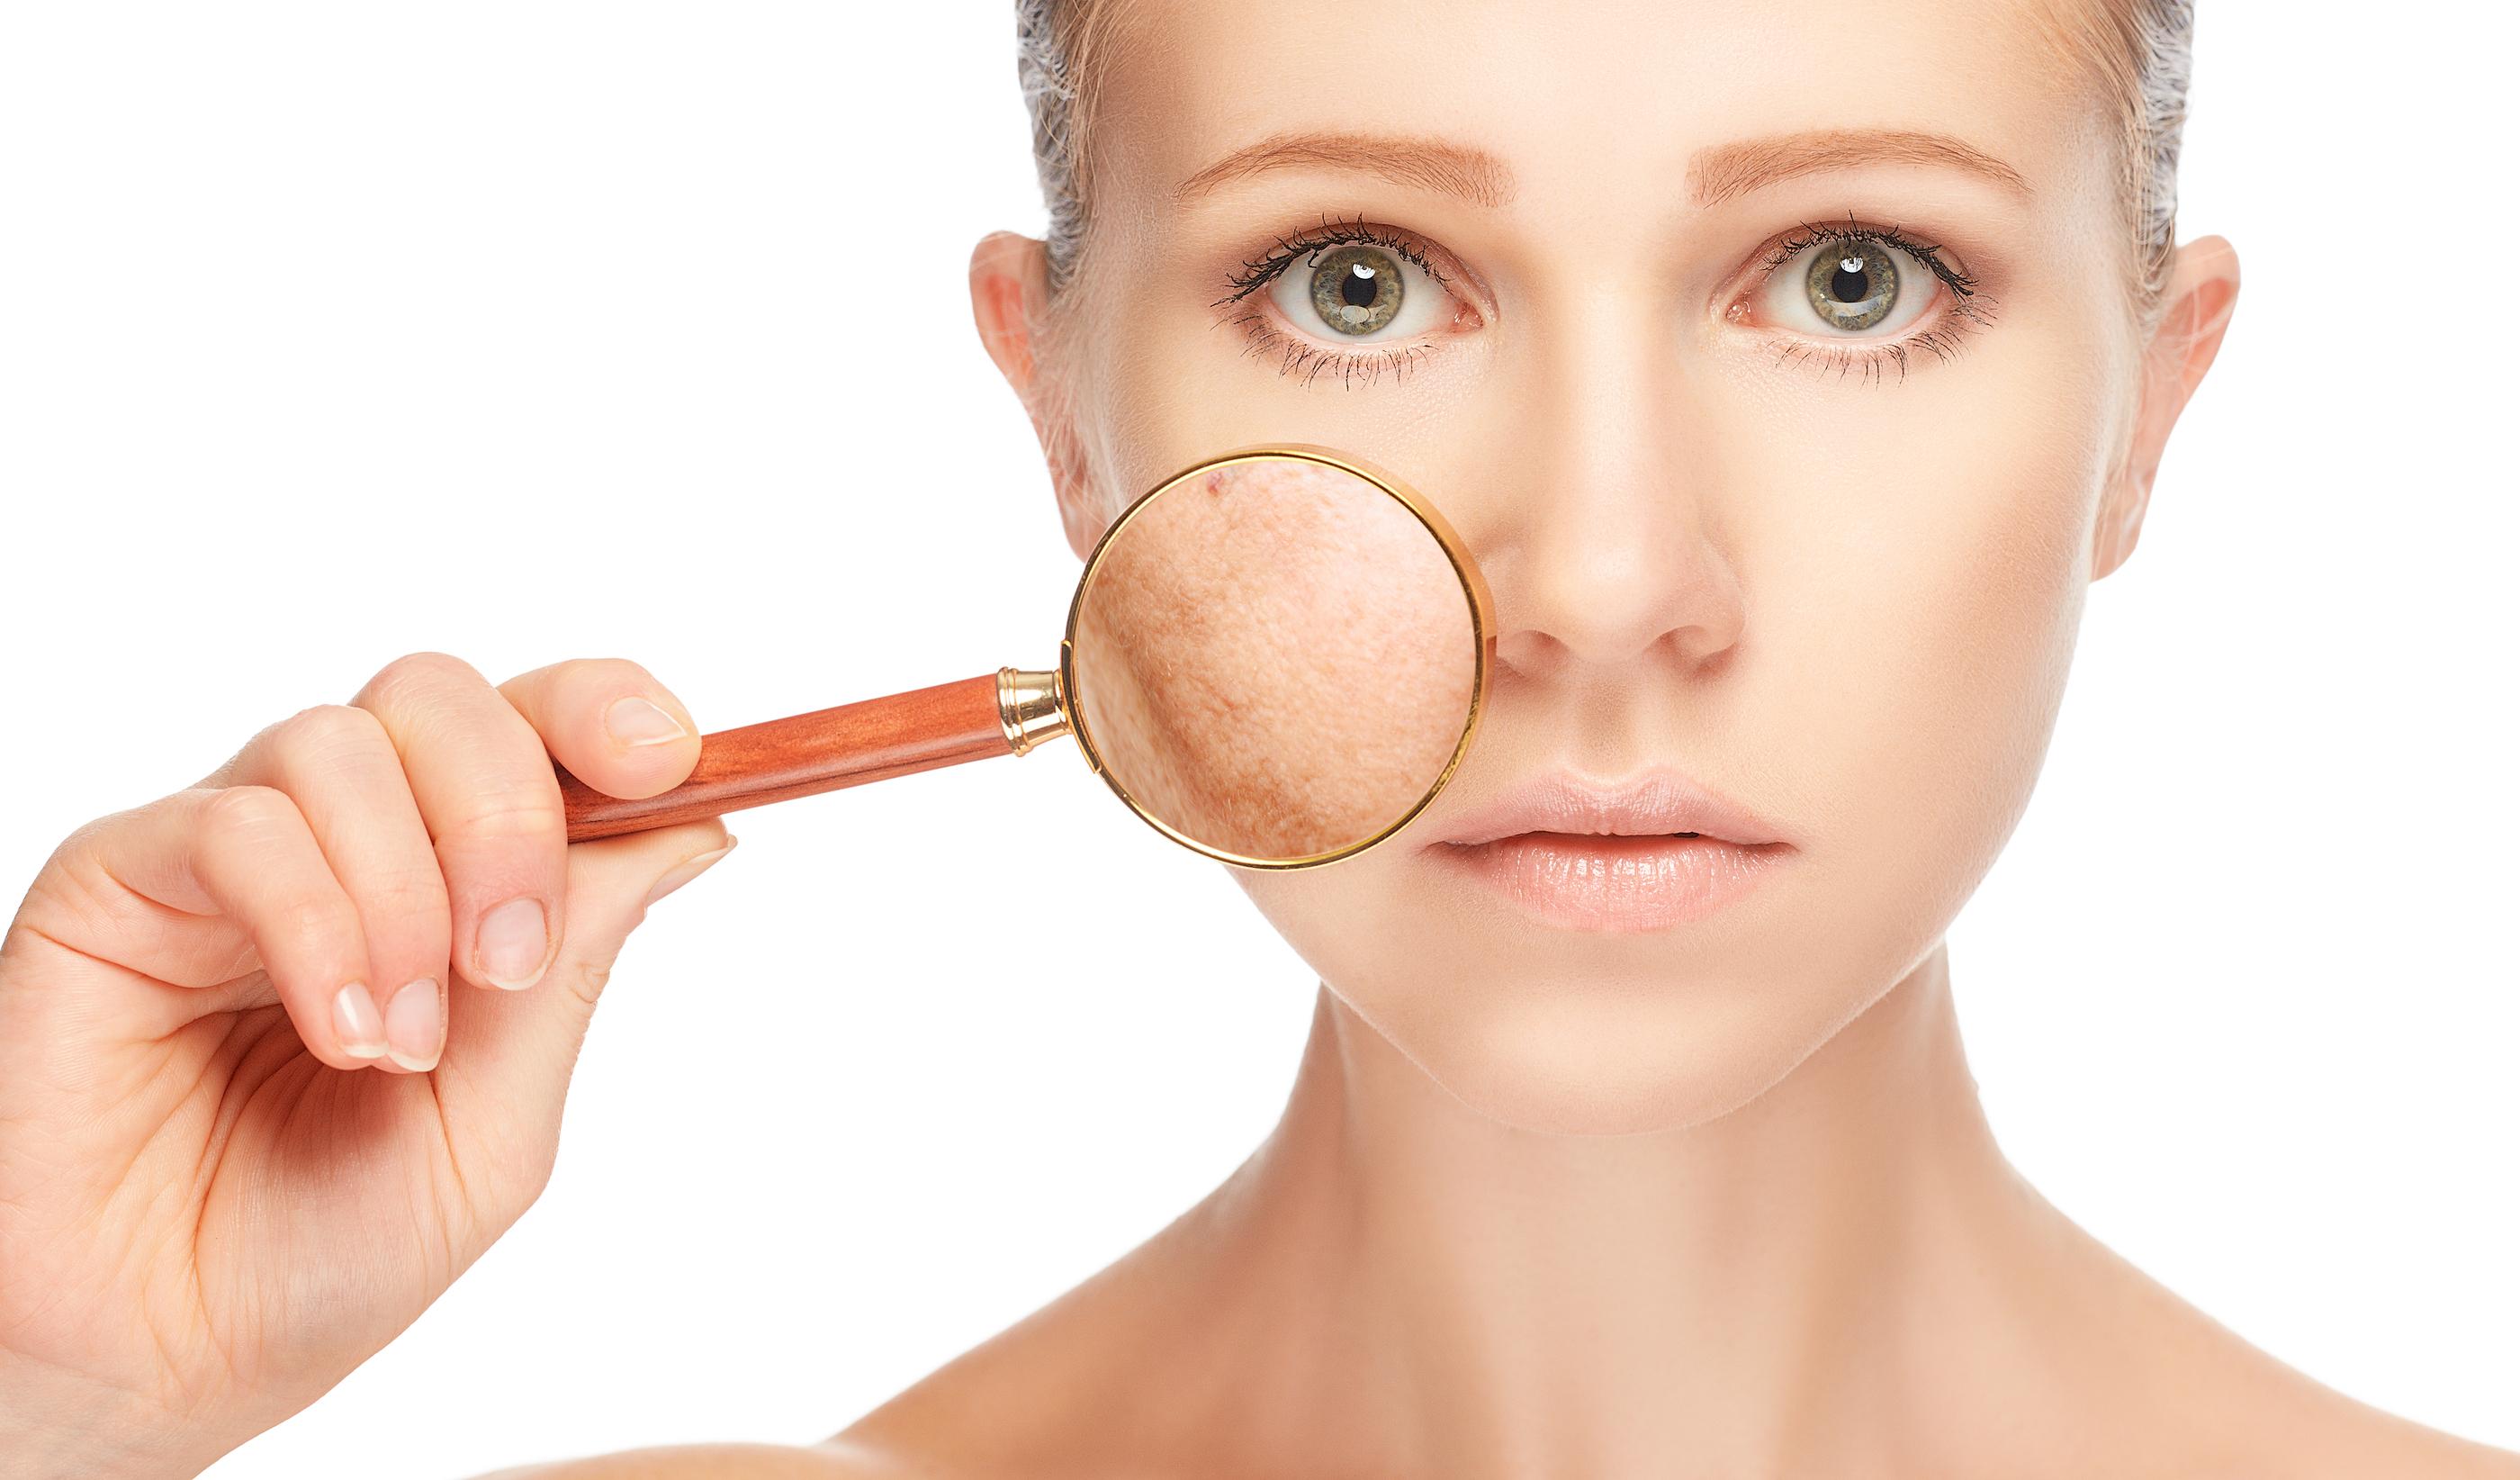 Invertir más en productos de cuidado de la piel, no tanto en maquillaje 1